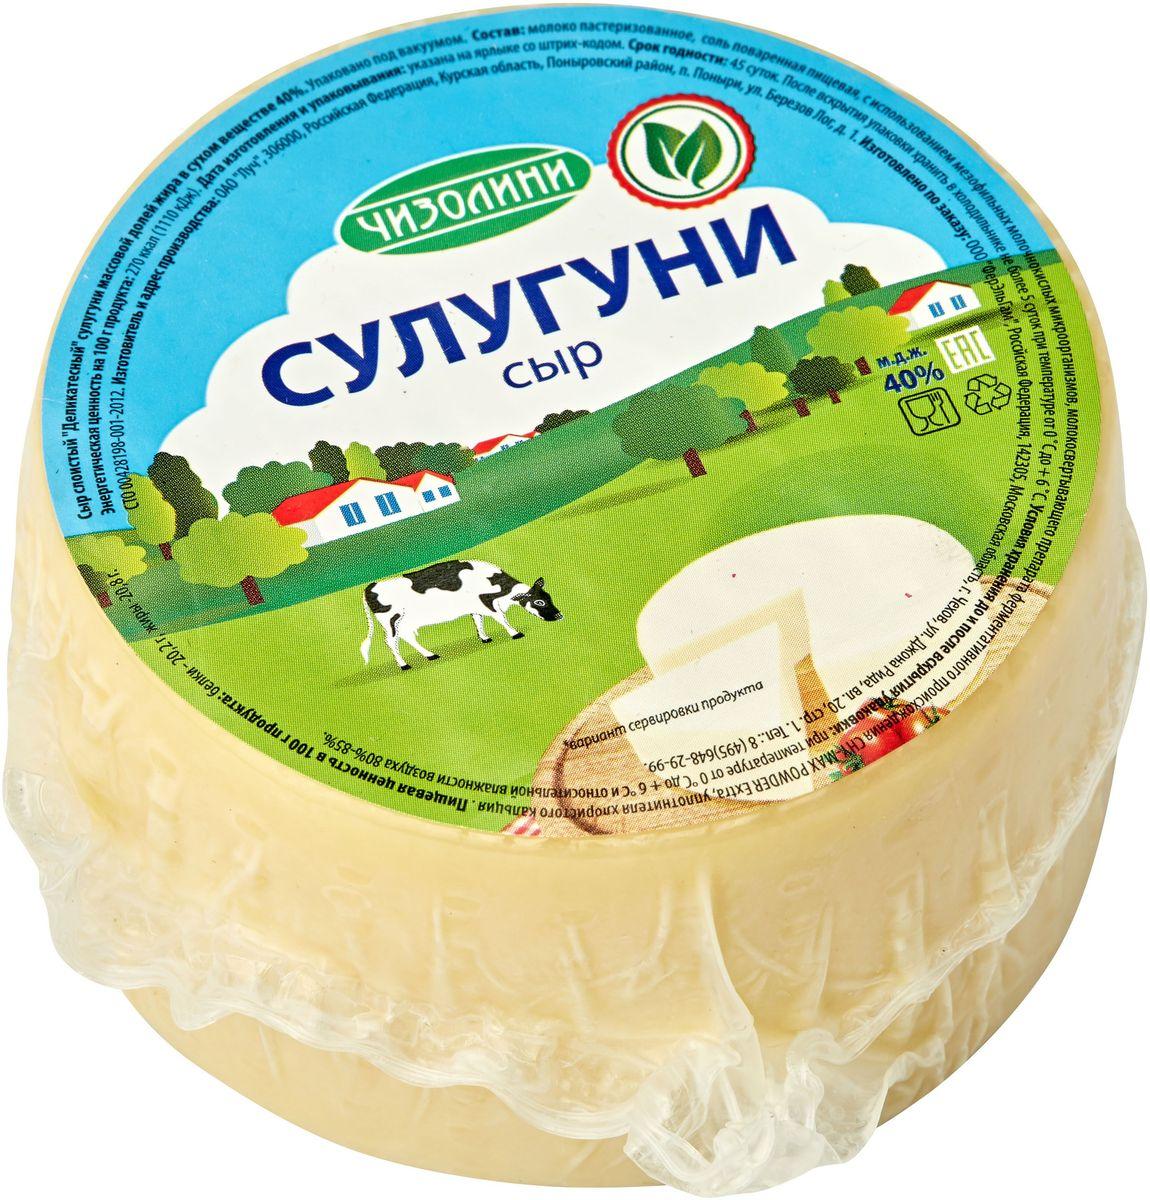 Чизолини Сыр Сулугуни, свежий, 300 г00-00001317Рассольный сыр из Самегрело (местность в Грузии). Он обладает сдержанным кисломолочным, солоноватым вкусом, приятным запахом и эластичной, слоящейся консистенцией.